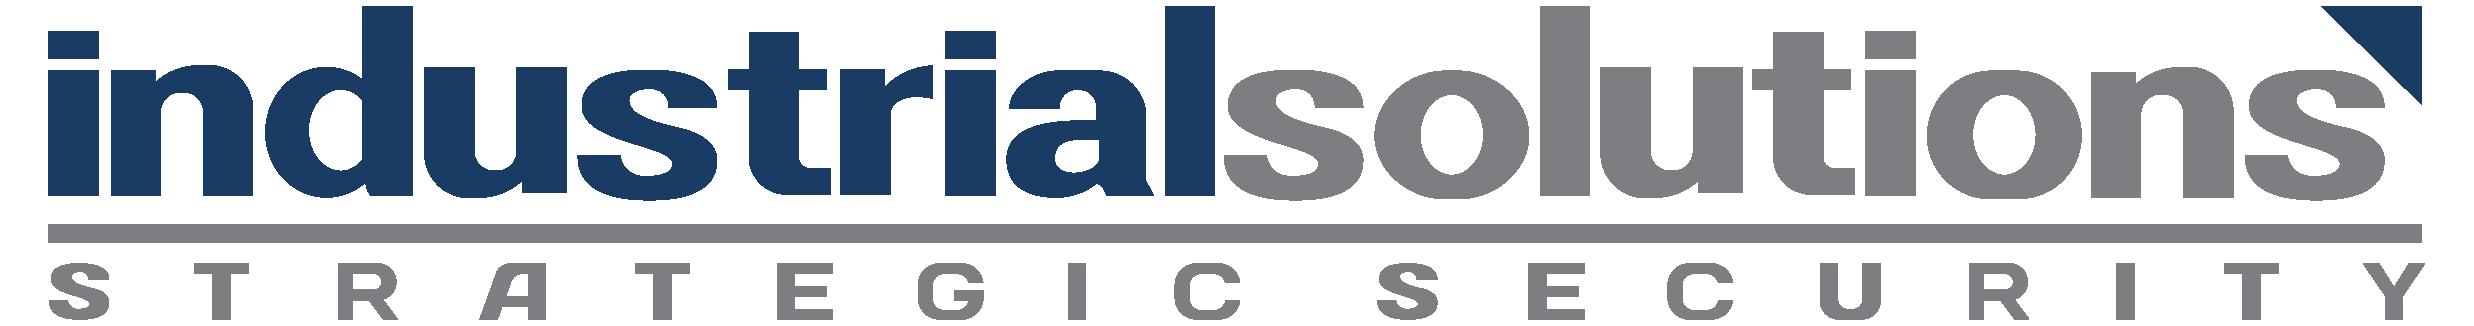 Industrial Solutions de Mexico logo image